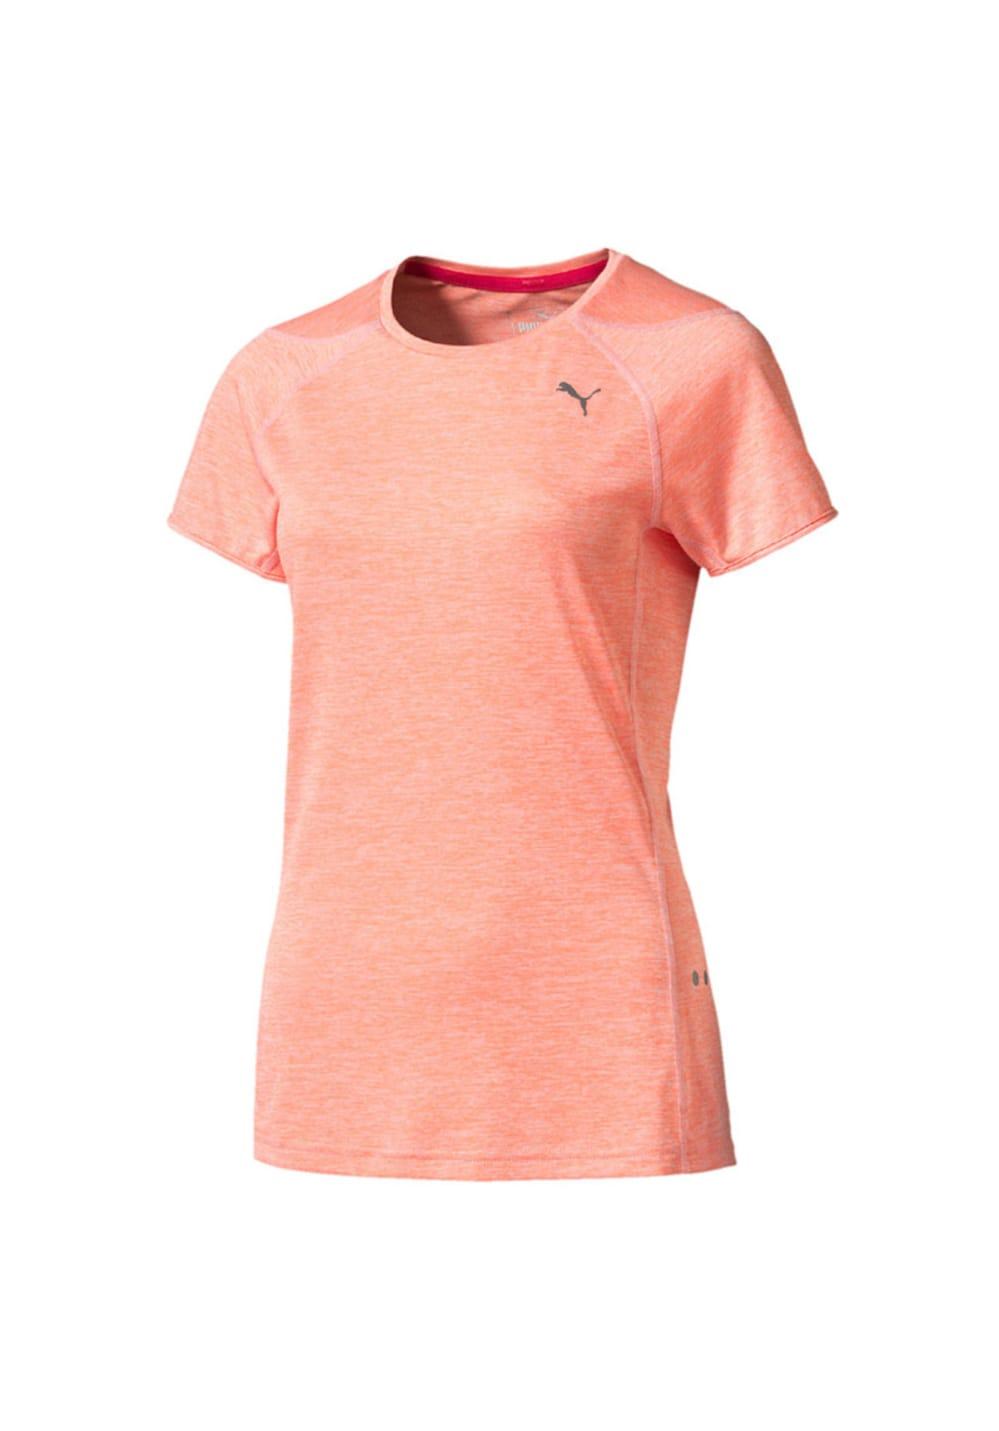 Puma Short Sleeve Tee - Laufshirts für Damen - Pink, Gr. L